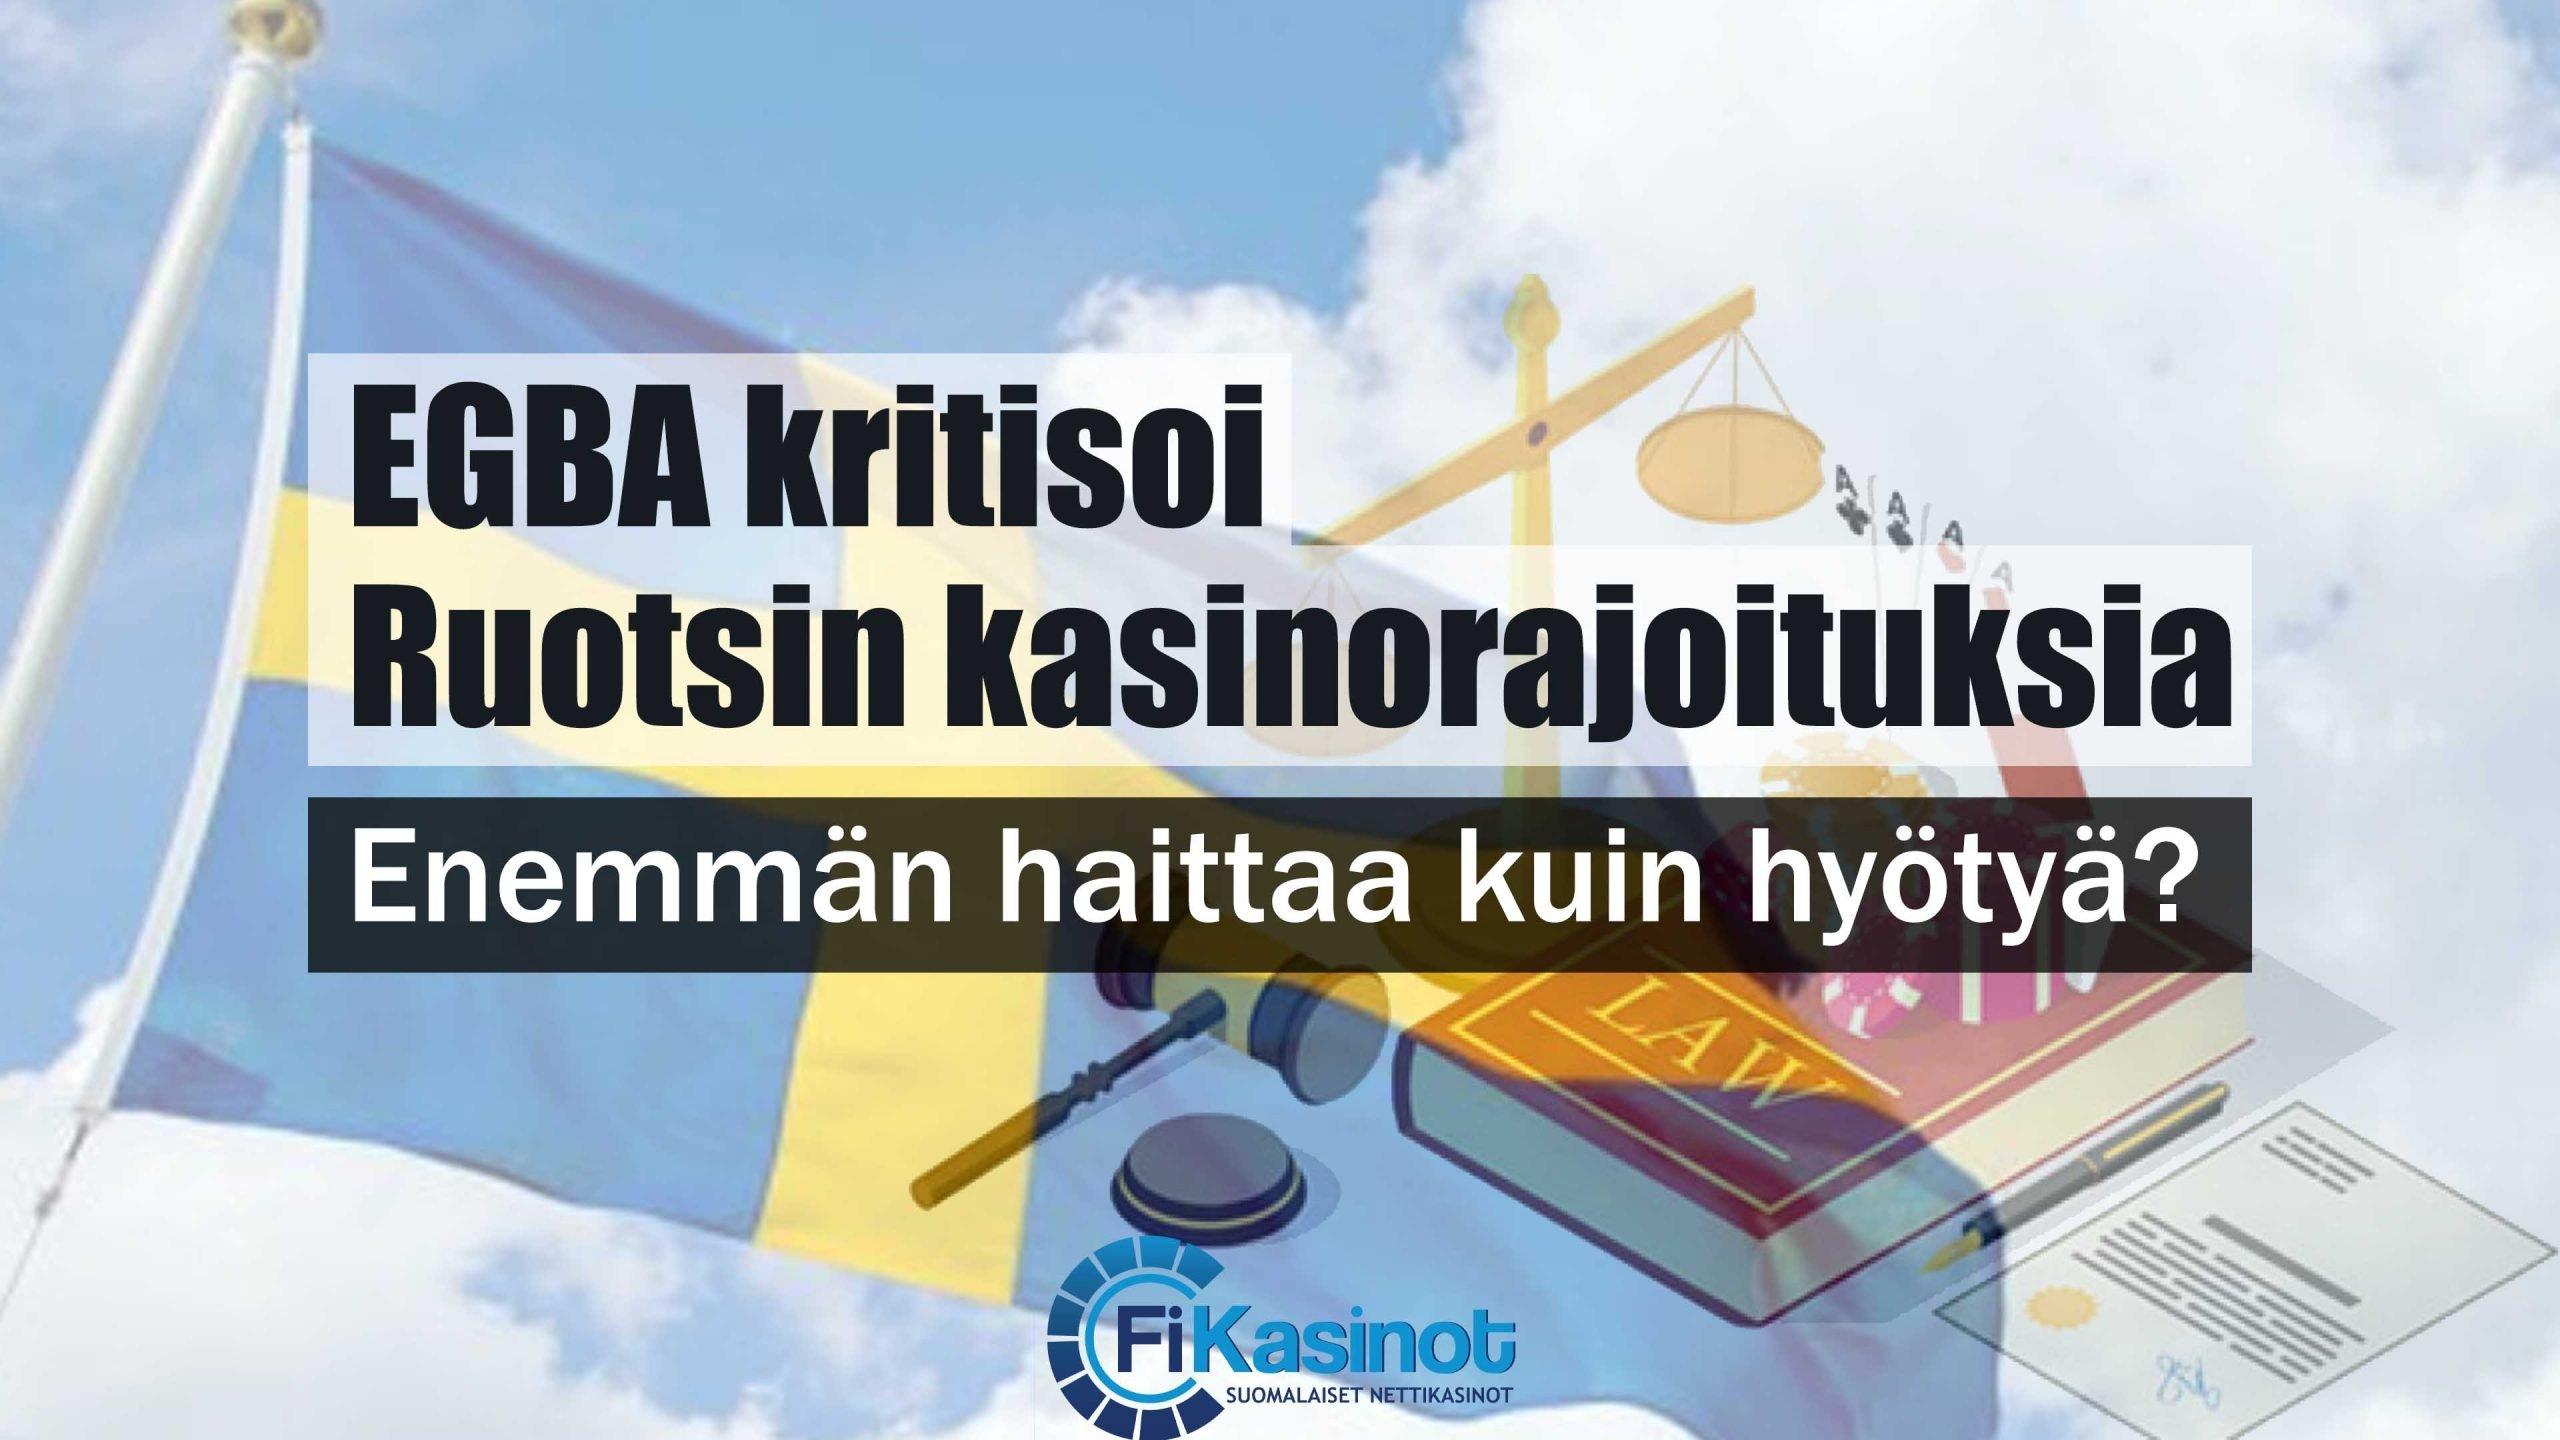 EGBA kritisoi Ruotsin kasinorajoituksia